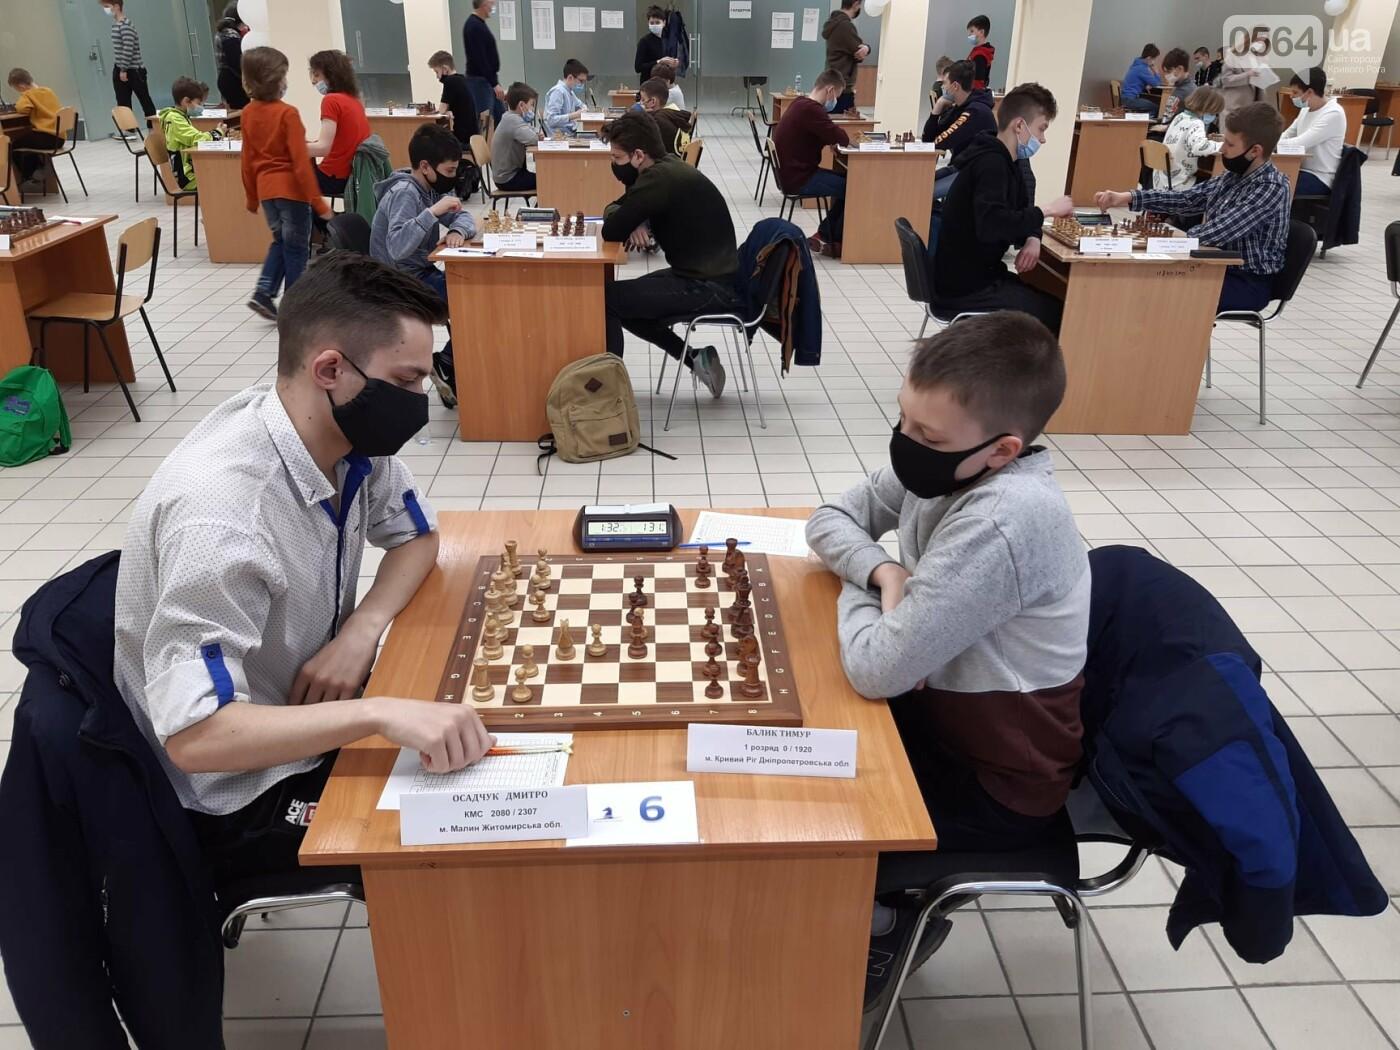 Юные шахматисты из Кривого Рога заняли 7 и 8 место на Чемпионате Украины, - ФОТО, фото-3